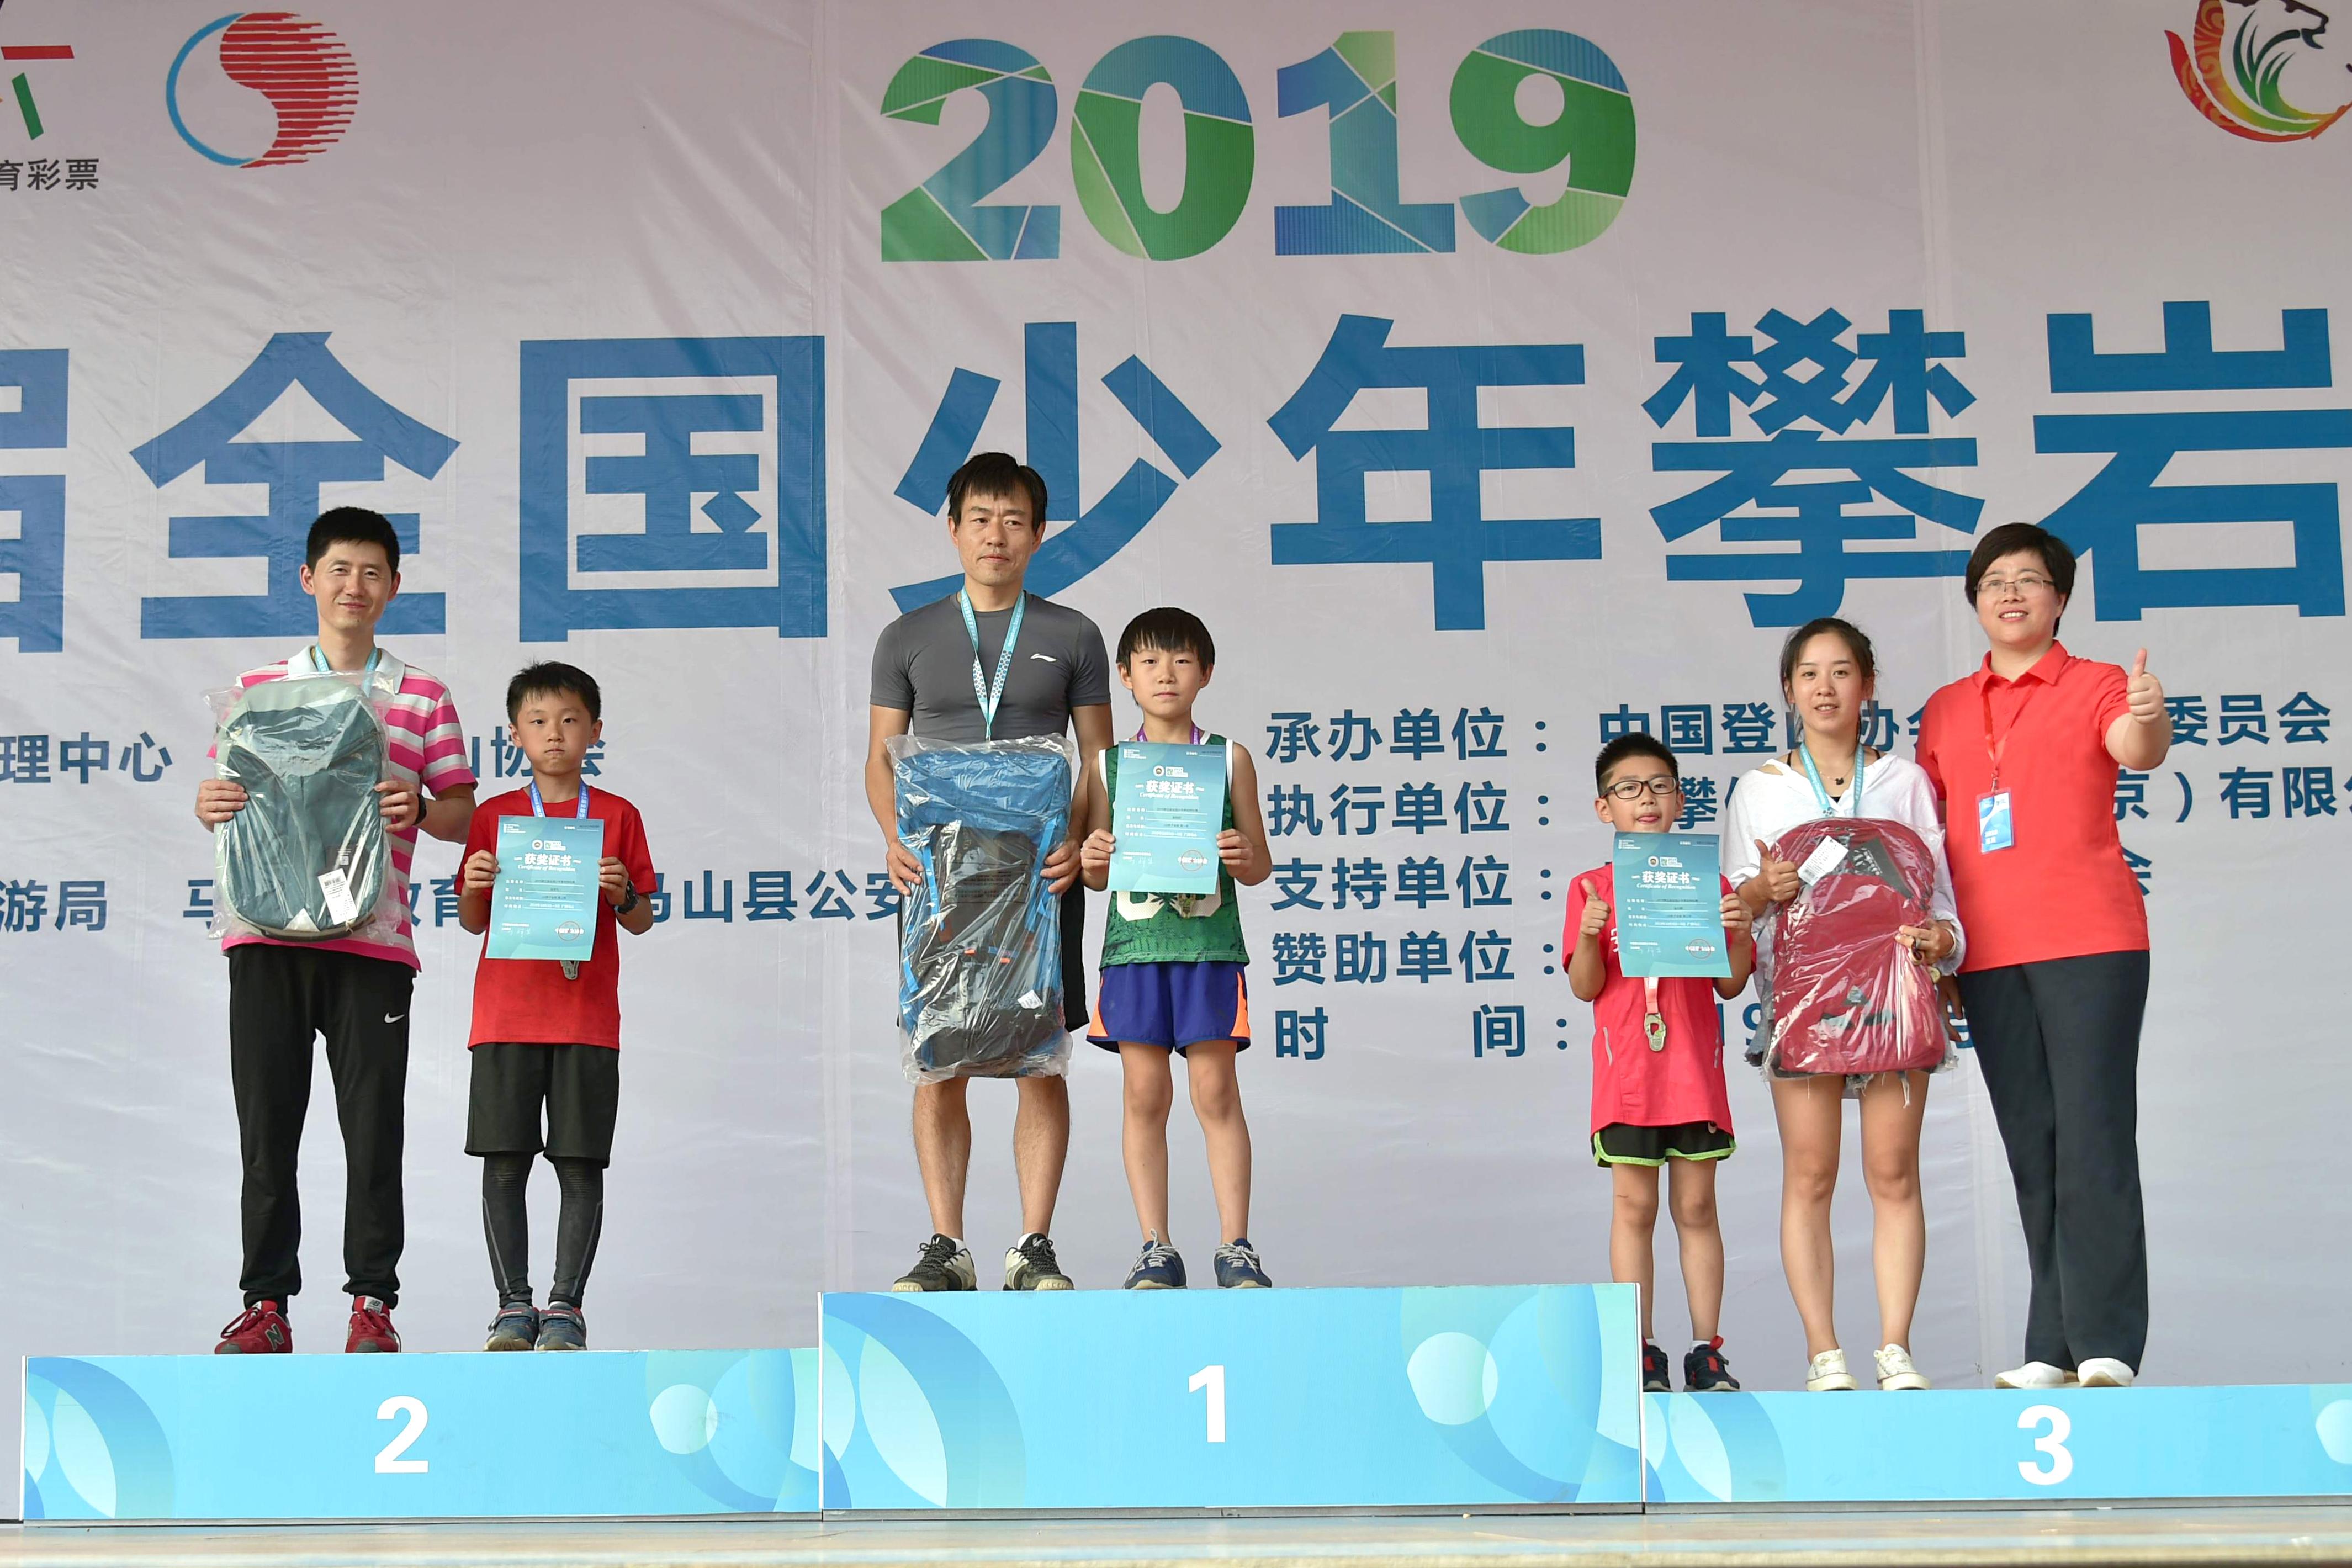 广西马山:第五届全国少年攀岩锦标赛完美收官